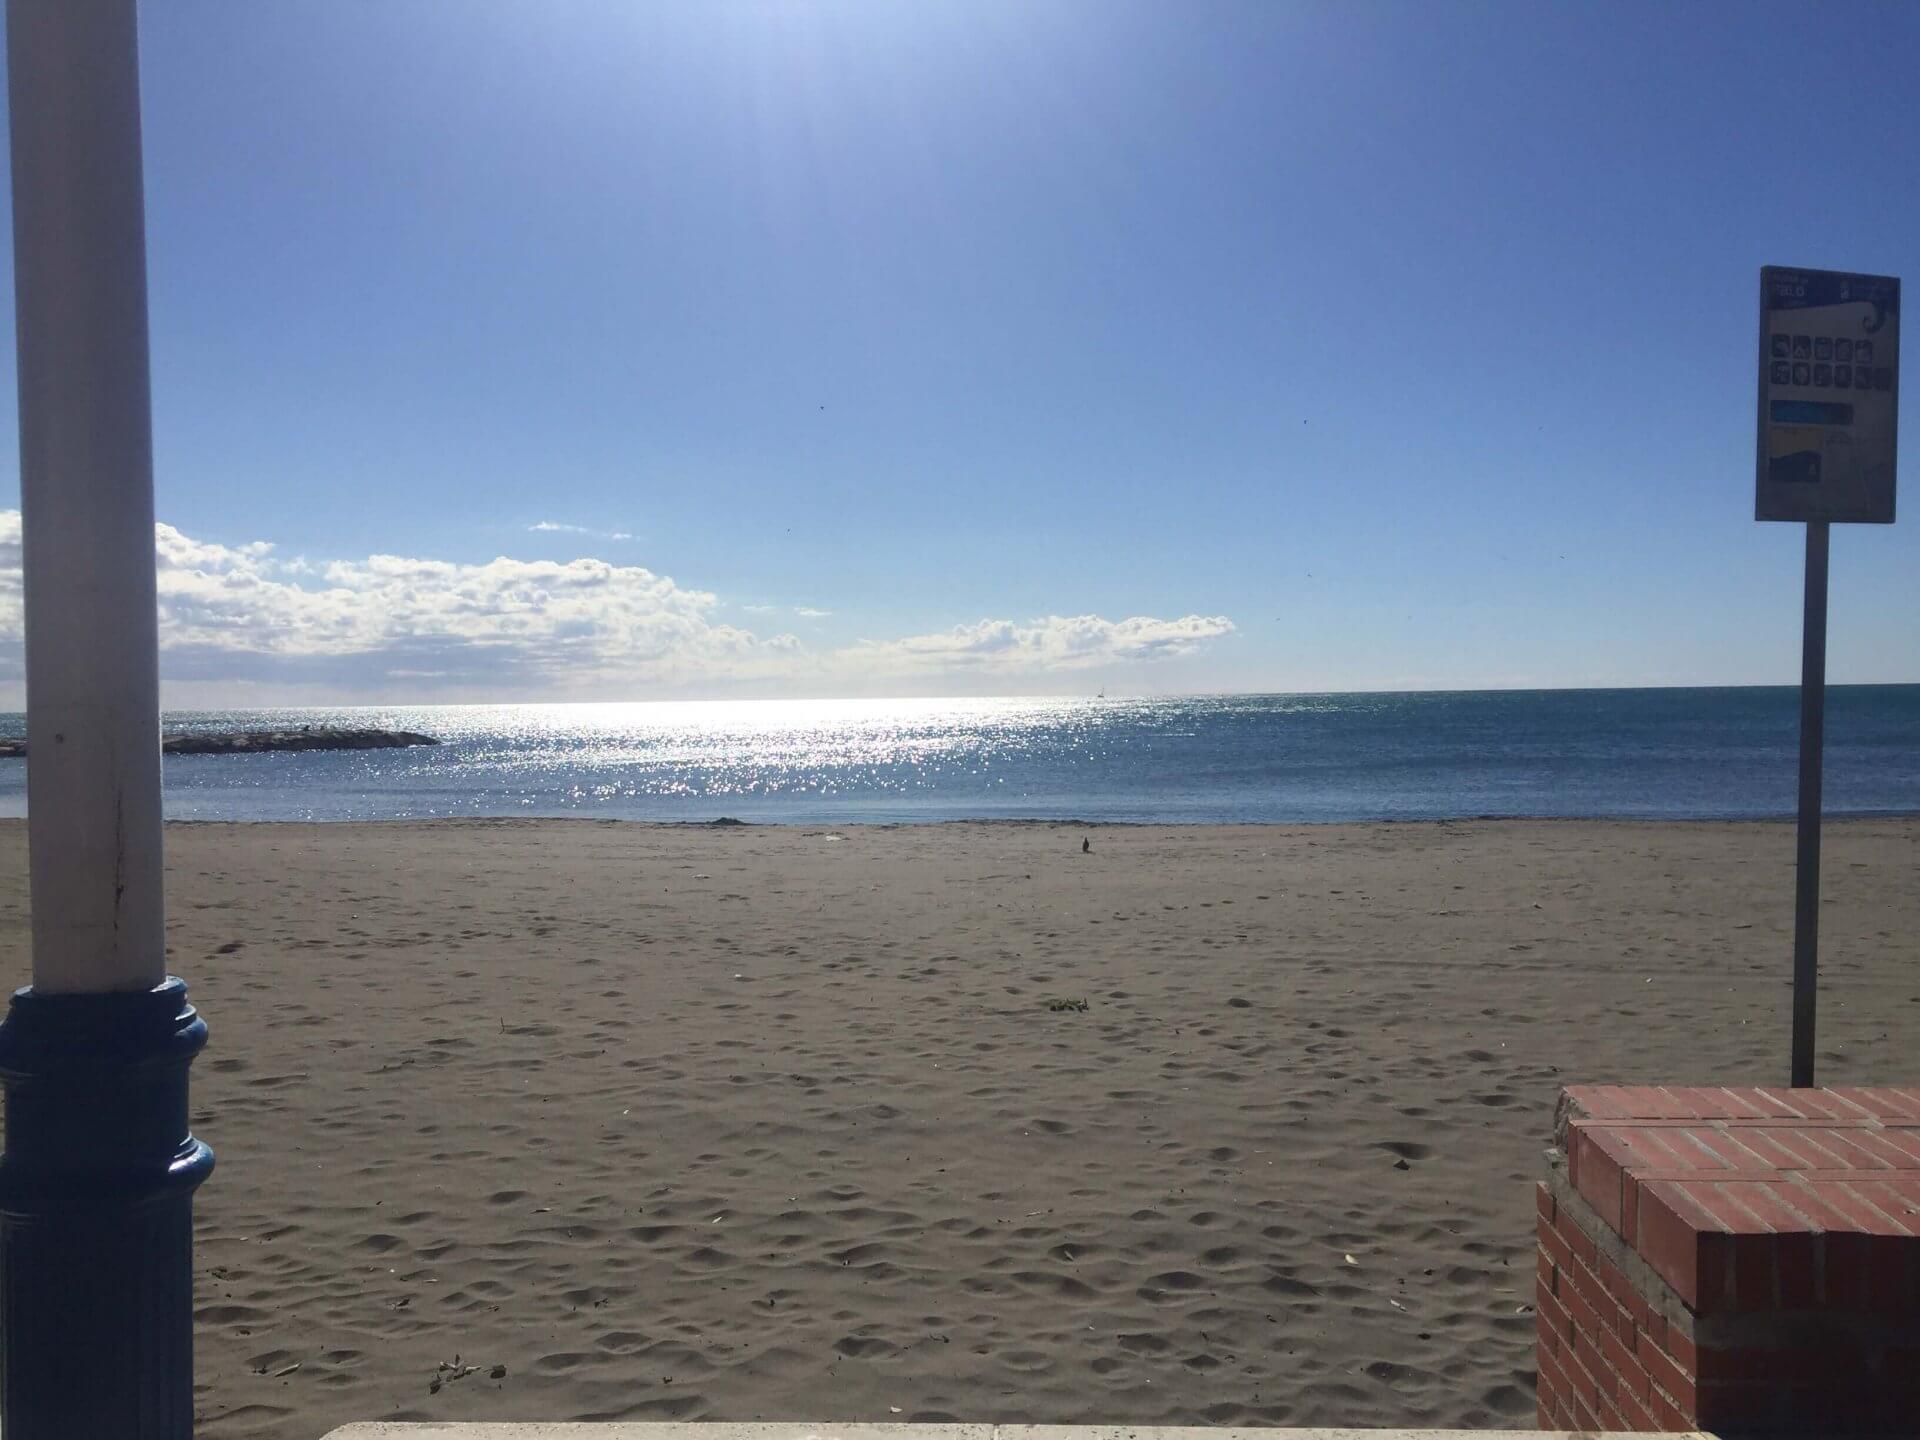 Stredná škola v zahraničí, španielske pláže